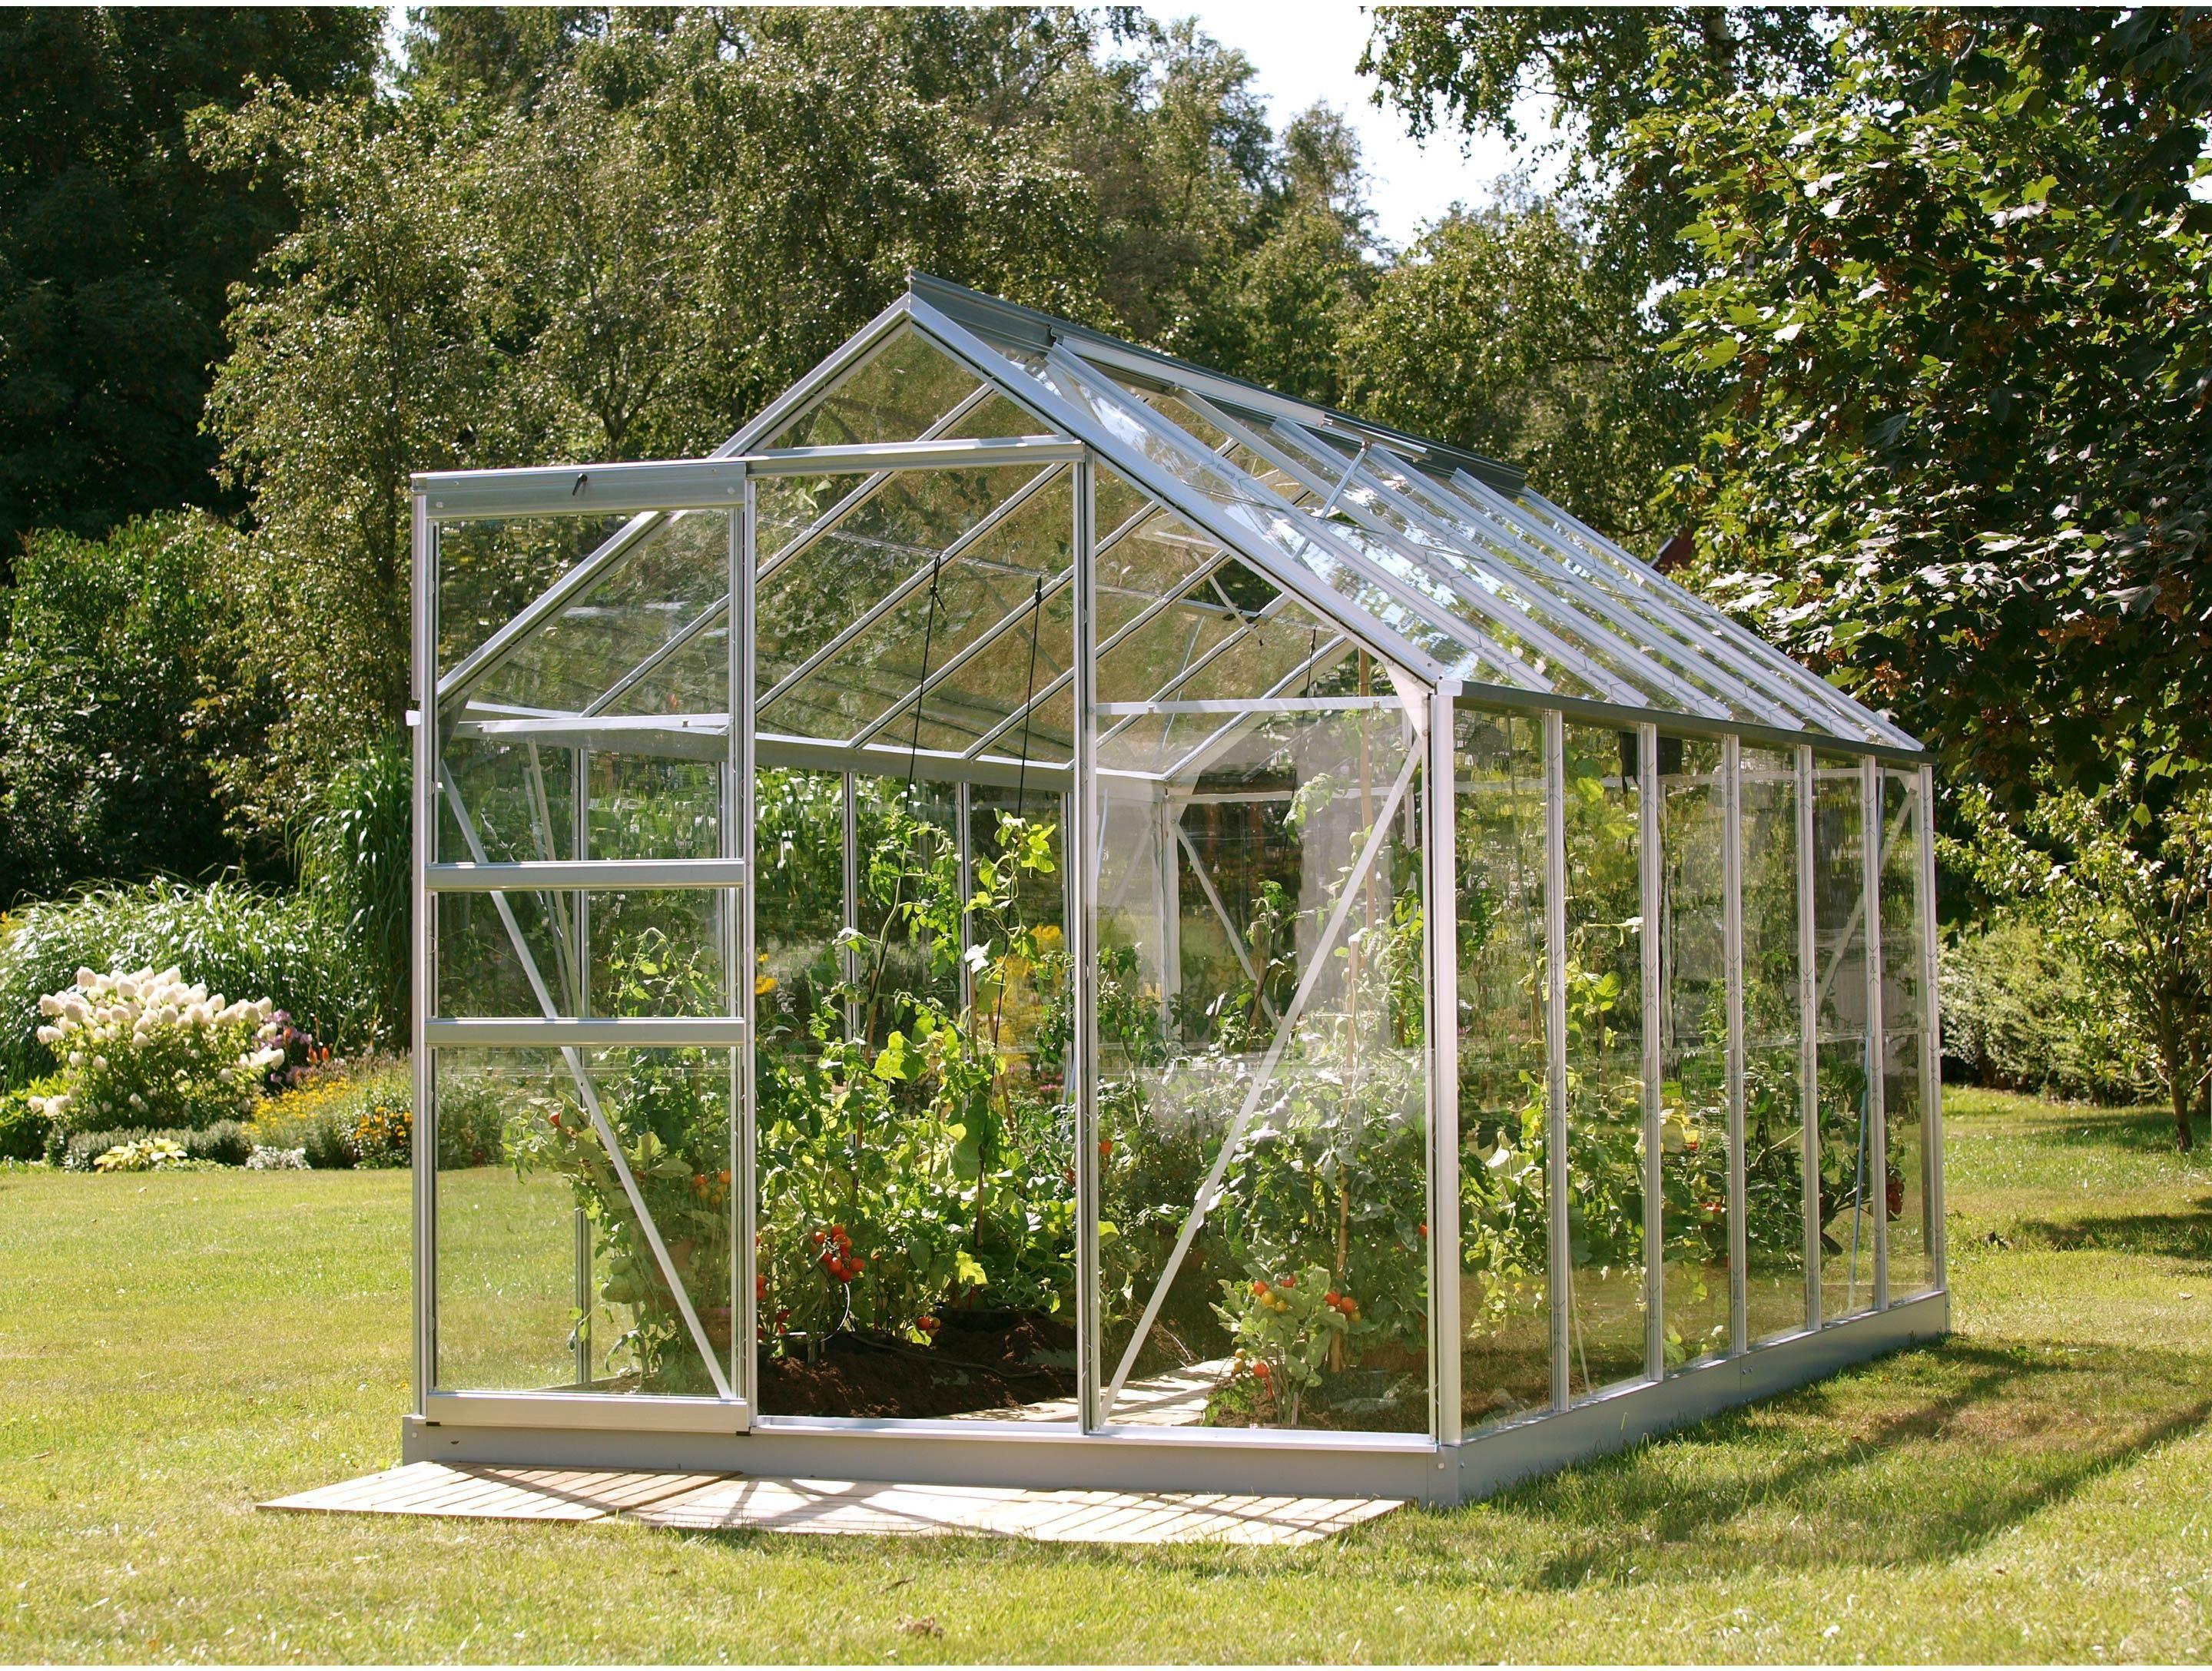 Epingle Par Vinciane Sur A E En 2020 Serre Jardin Maison Verte Jardins